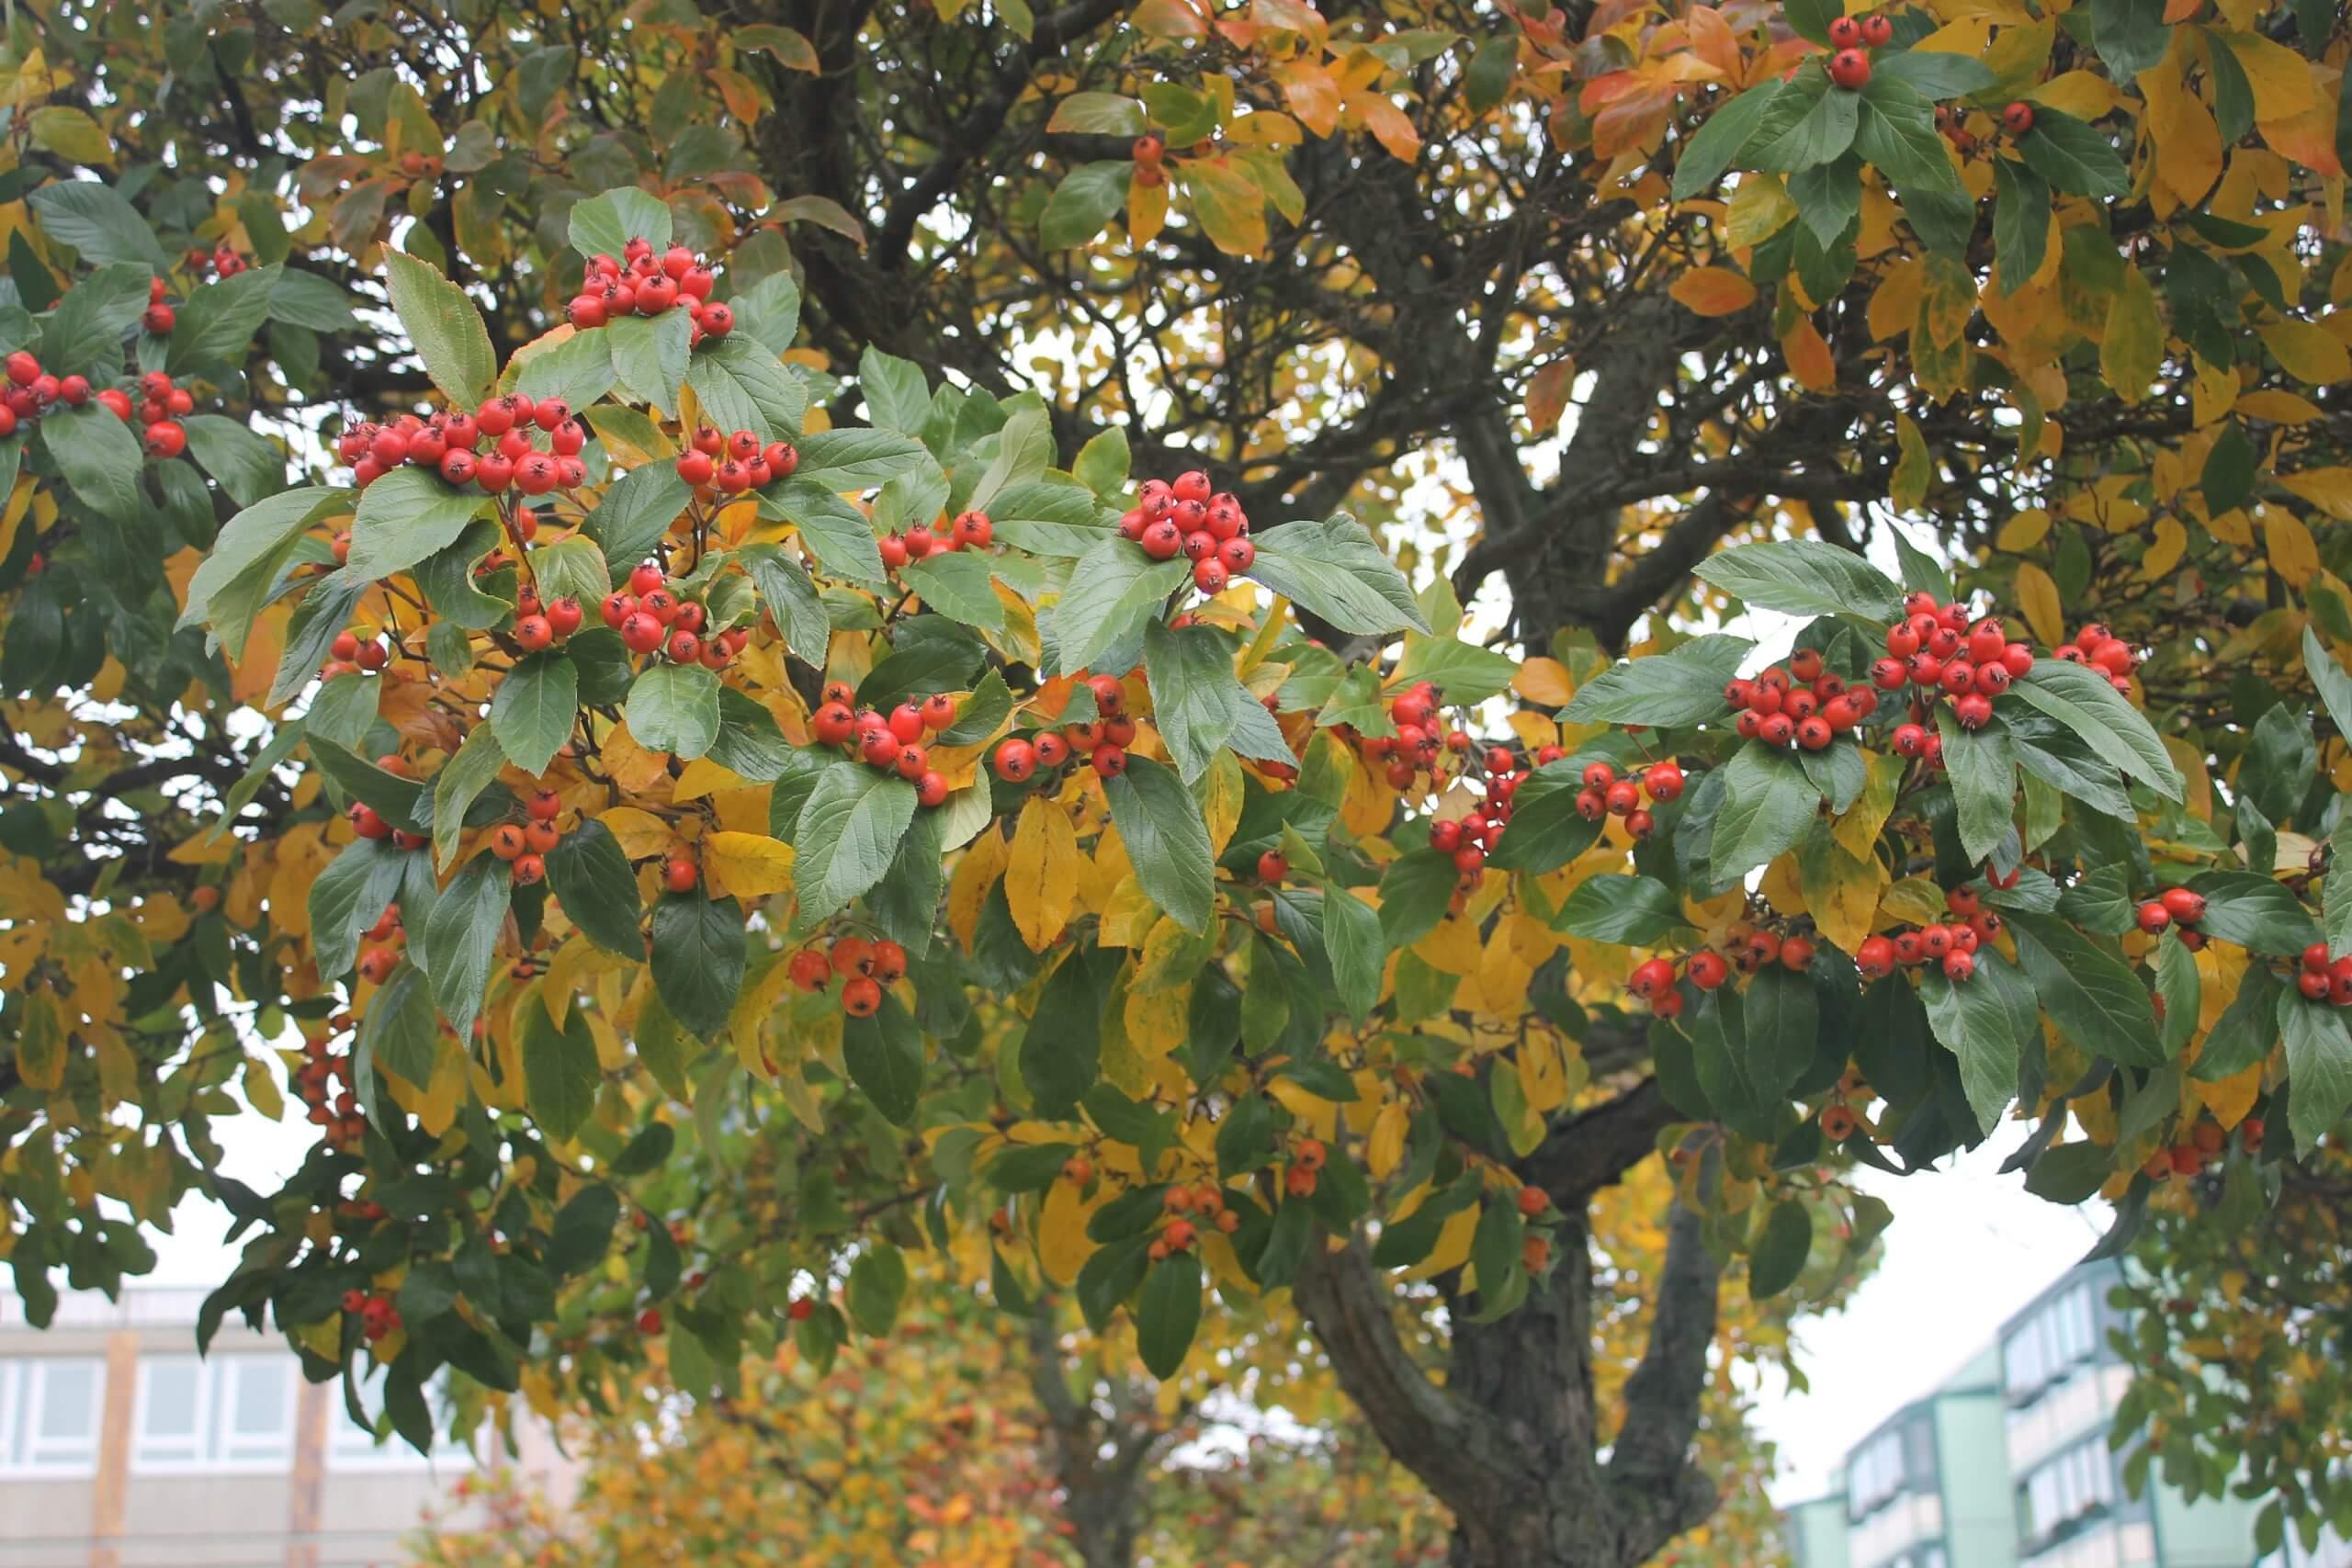 Das Bild zeigt eine Mehlbeere mit leuchtend roten Früchten. Der Baum steht am Pegasuseck im Kosmosviertel, nahe der Venusstraße.